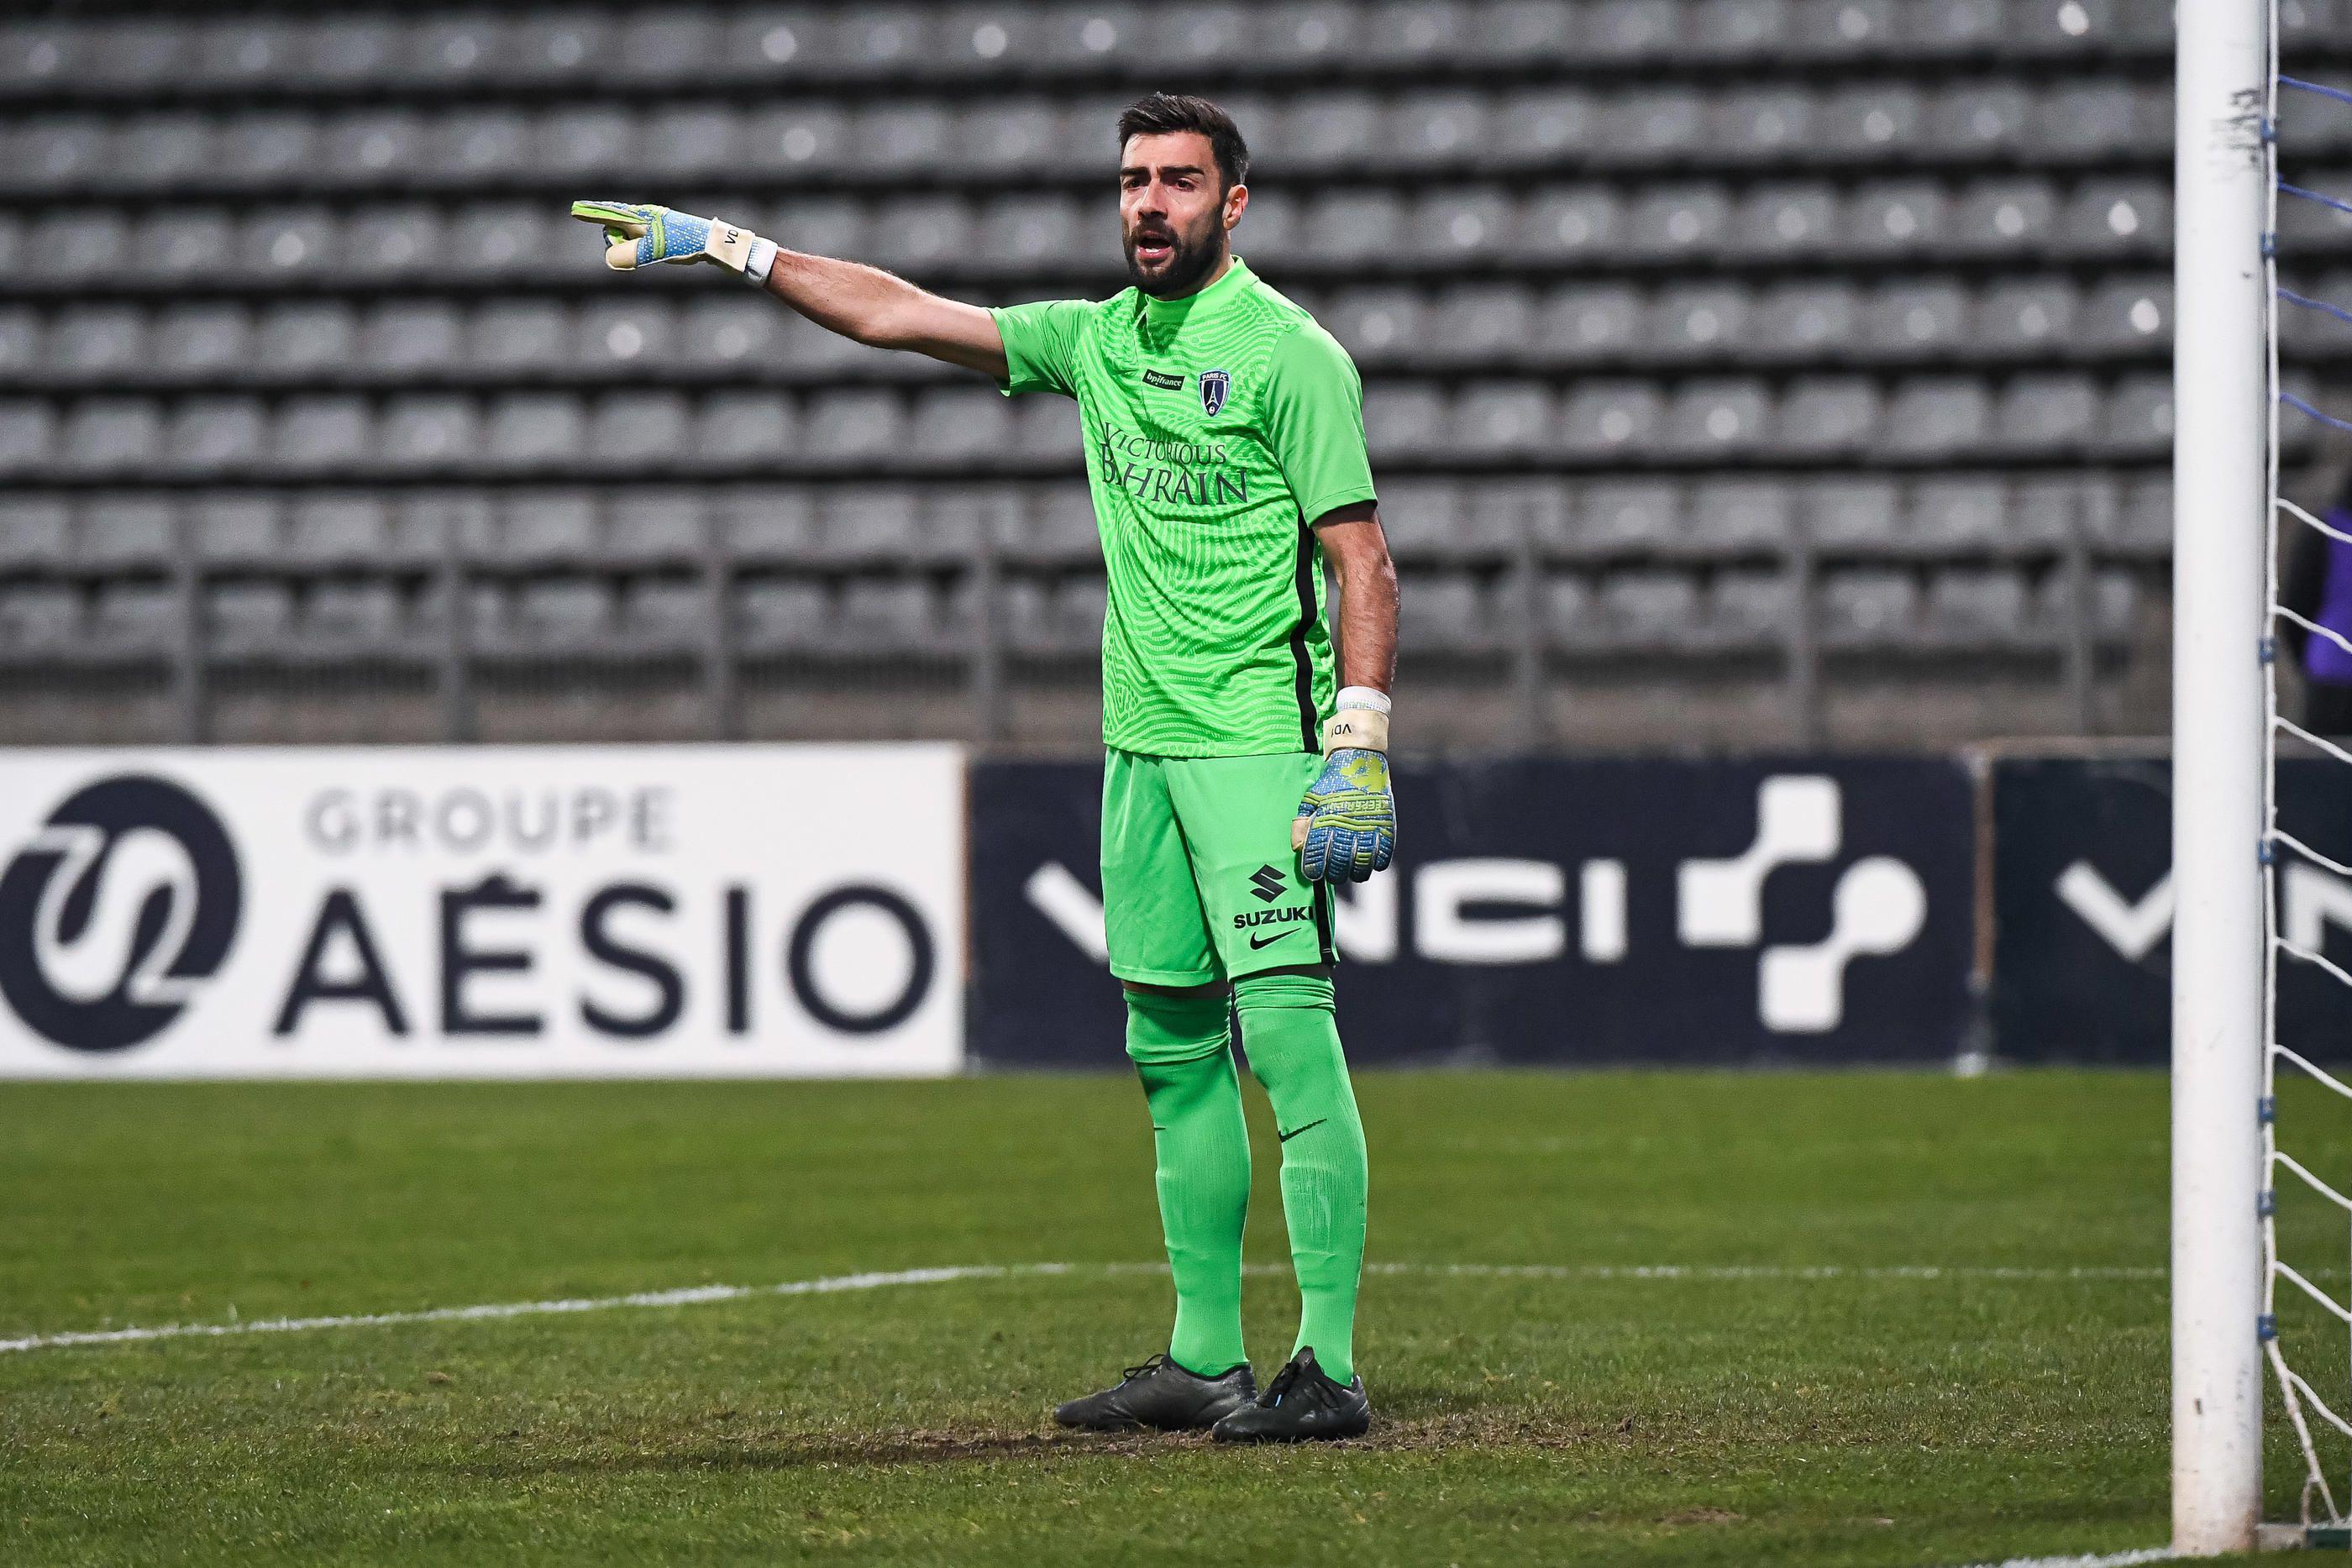 Ligue 2 : « La dernière journée va être incroyable à vivre », assure le gardien du Paris FC